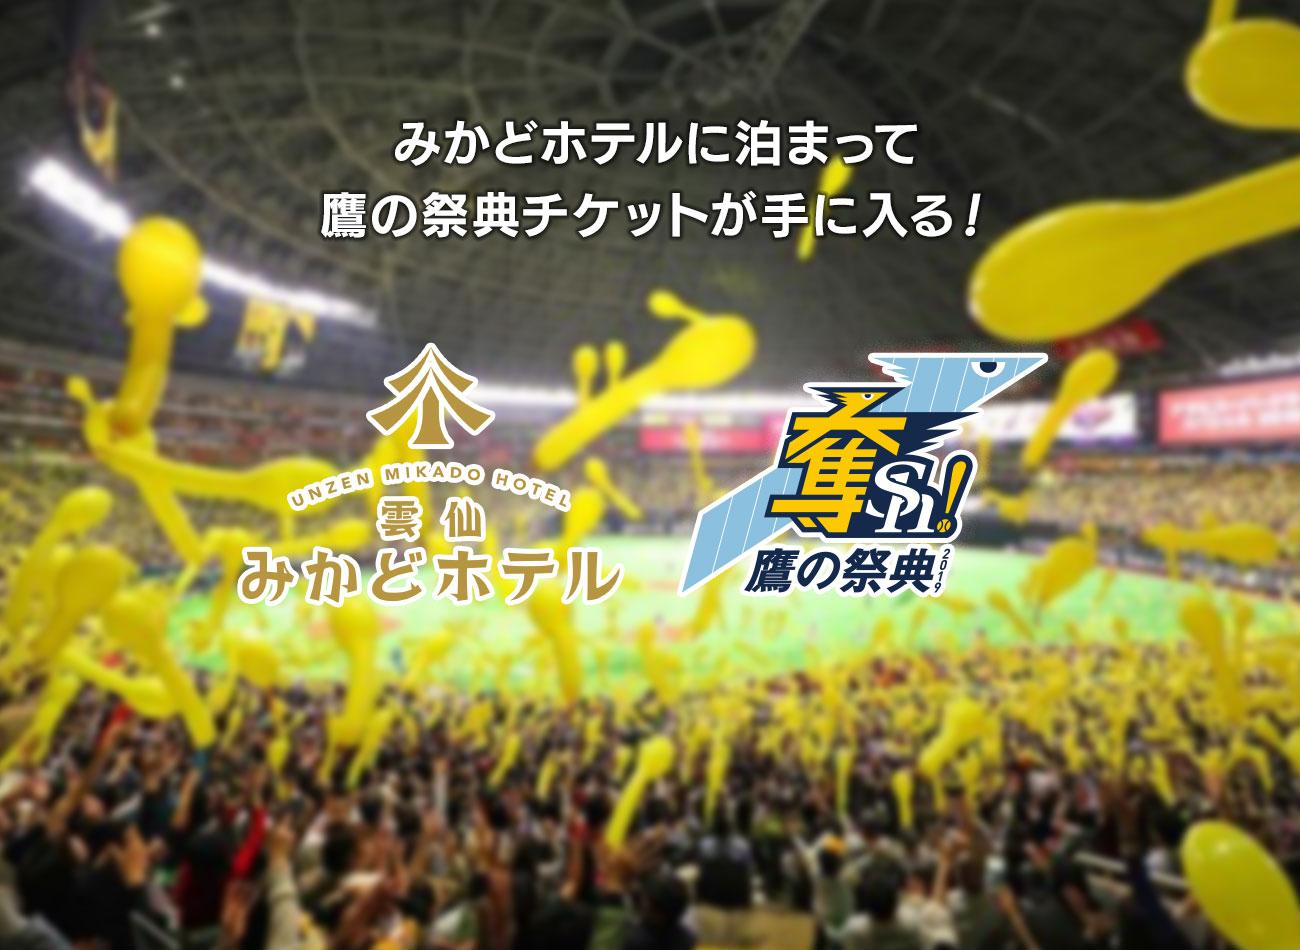 公式HP限定!福岡ソフトバンクホークスコラボ企画 鷹の祭典2019チケット付プラン